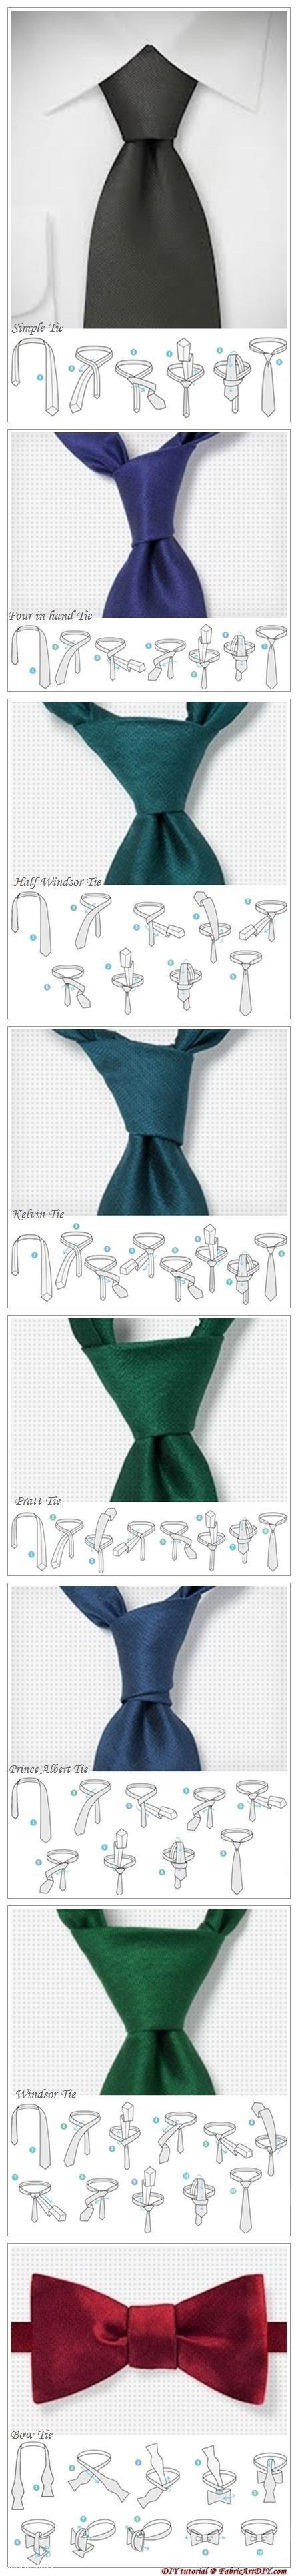 آموزش تصویری بستن و گره زدن کراوات بصورت آسان